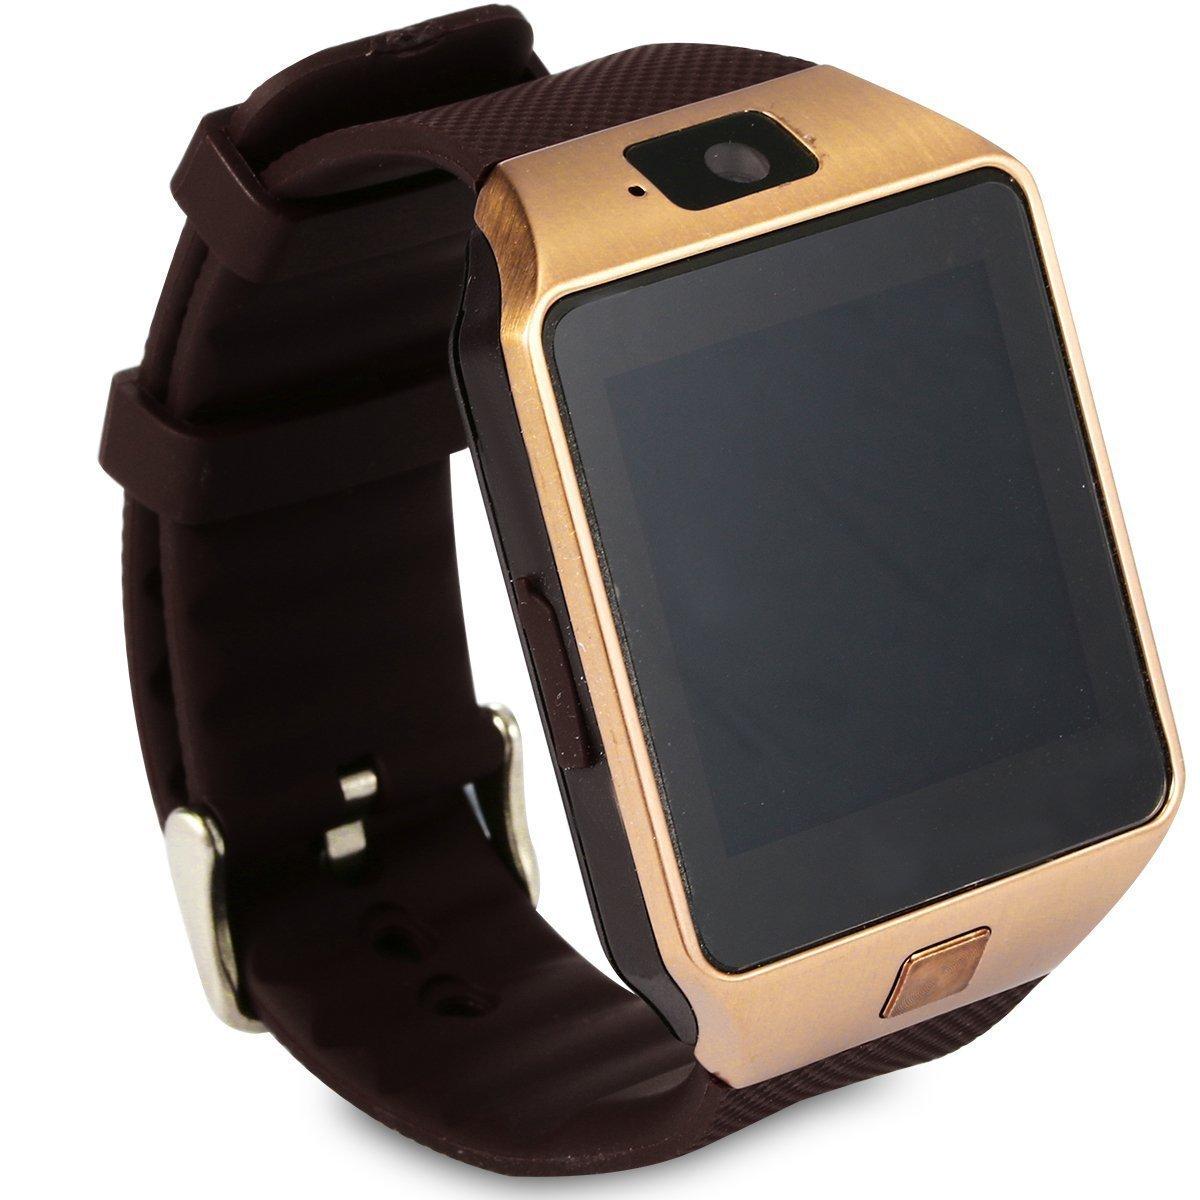 cb63214cb25 DZ09 Bluetooth Smart Watch with SIM Card Slot Make  Amazon.co.uk   Electronics